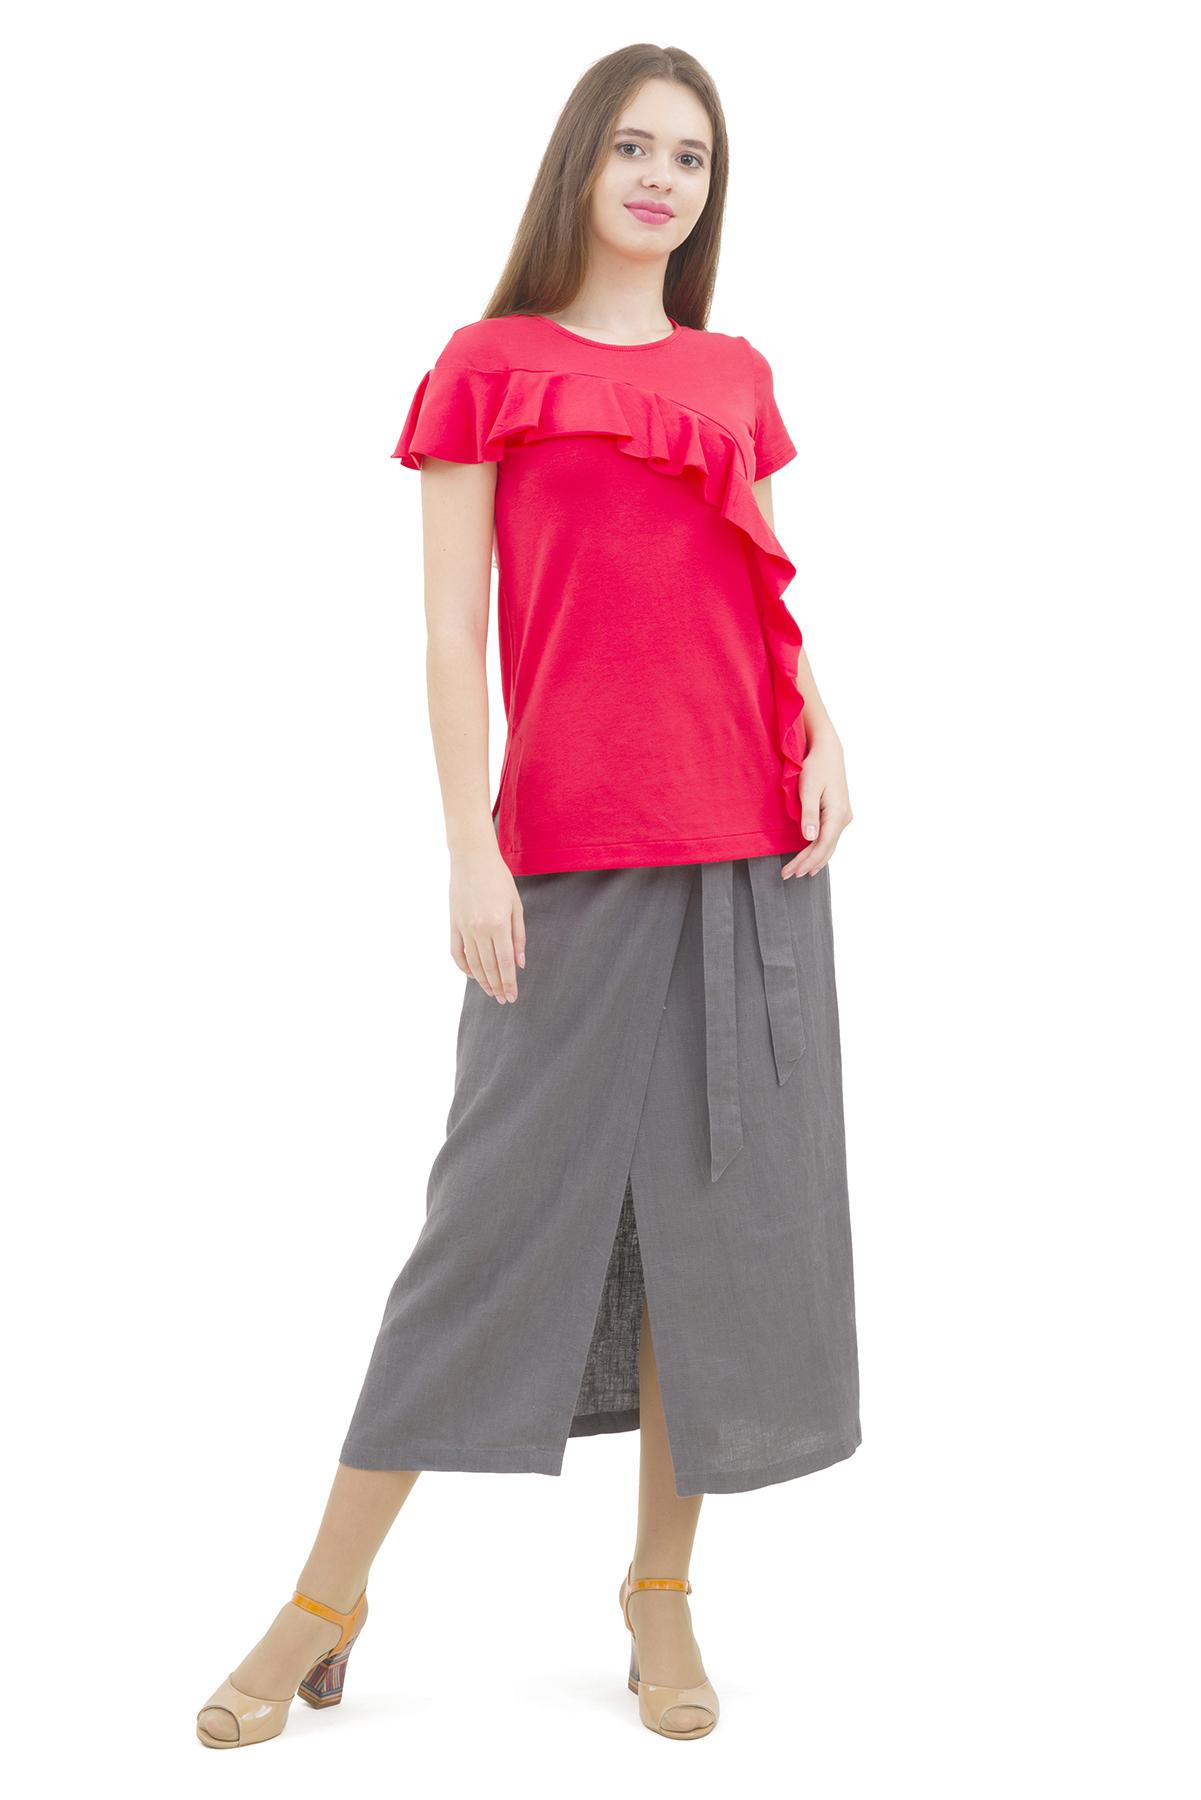 БлузаЖенские блузки<br>Эффектная блузка Doctor E элегантного лаконичного дизайна. Модель выполнена из высокачественного трикотажа. Восхитительное дополнение к Вашему повседневному гардеробу.<br><br>Цвет: коралловый<br>Состав: 92% хлопок, 8% лайкра<br>Размер: 40,42,44,46,48,50,52,54<br>Страна дизайна: Россия<br>Страна производства: Россия